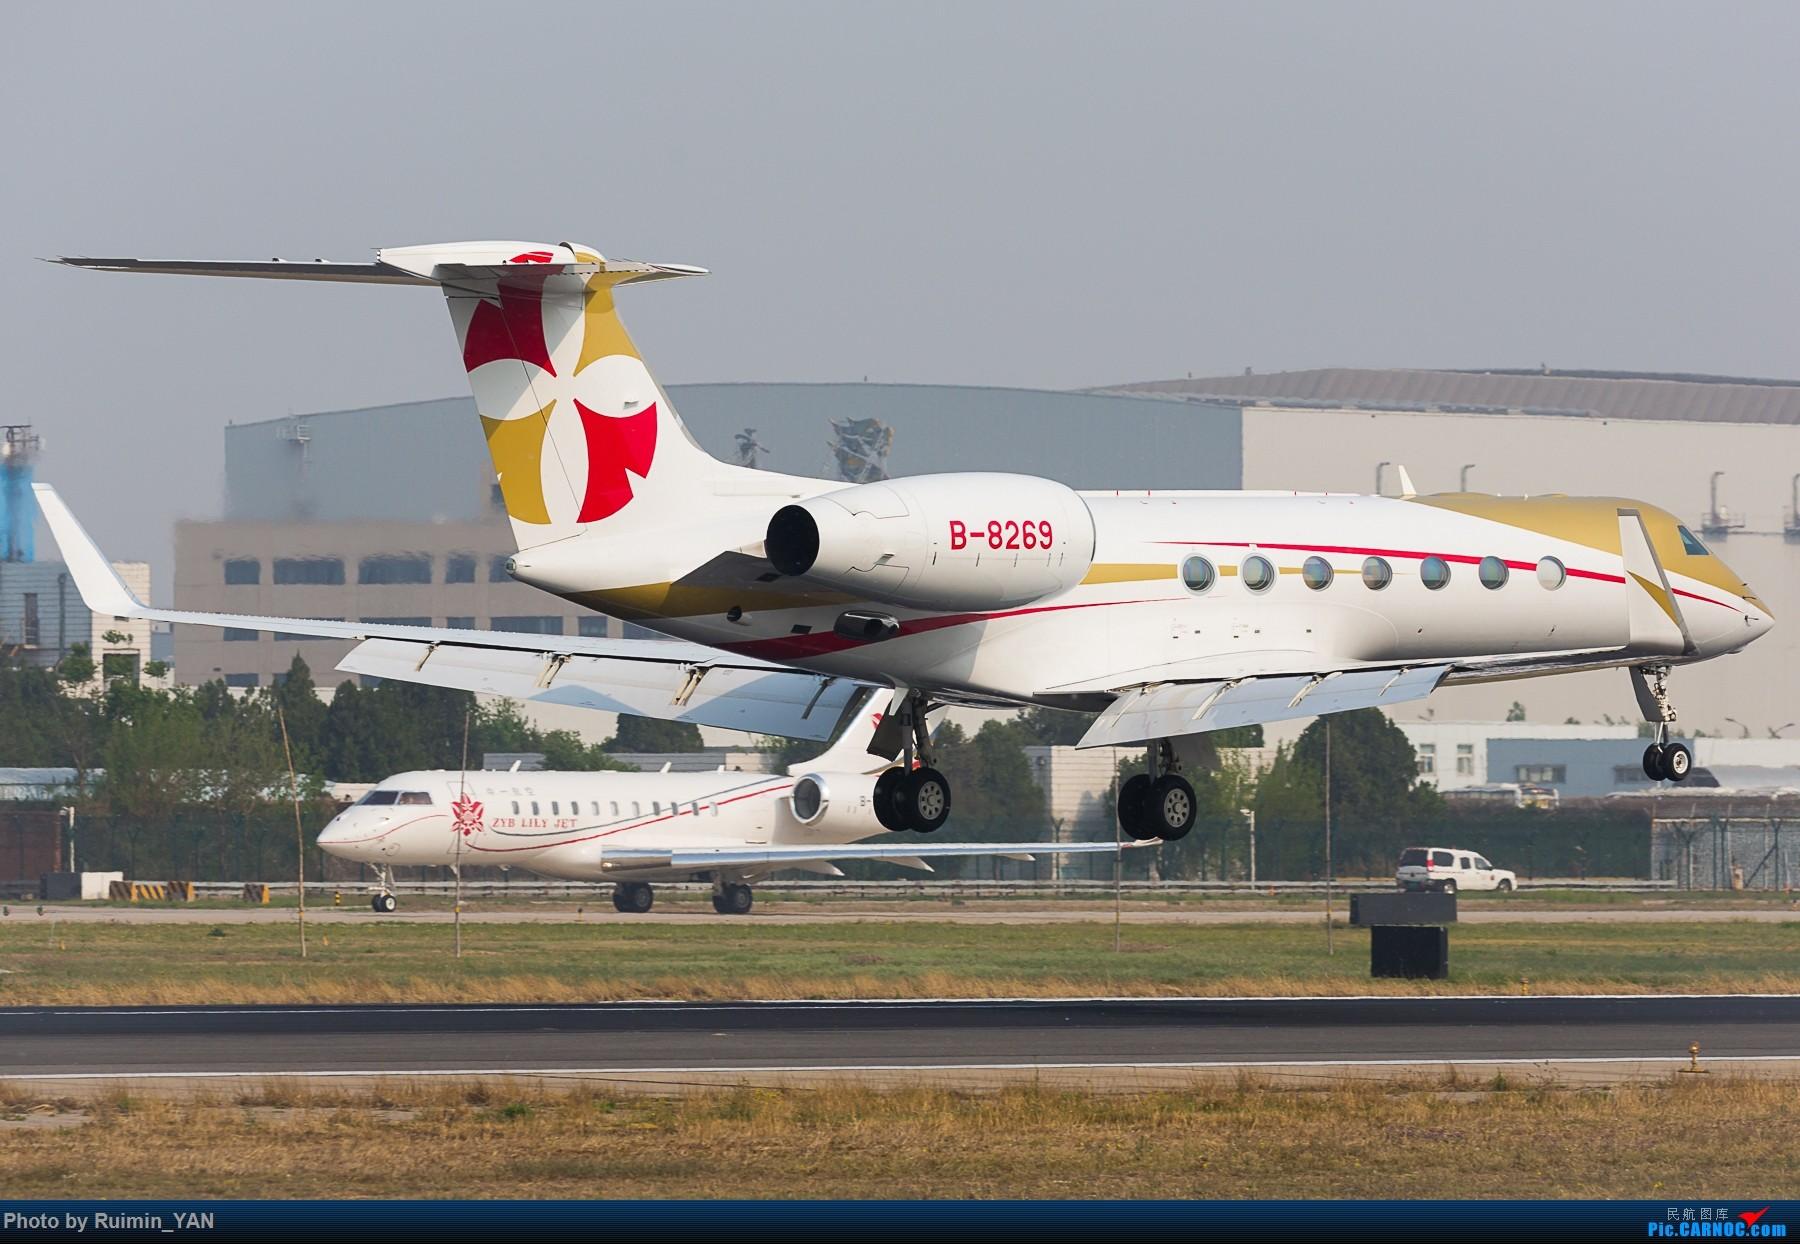 Re:[原创]【PEK飞友会】四川纵横航空(allpoints jet)B-8269---Gulfstream G550 GULFSTREAM G550 B-8269 中国北京首都国际机场